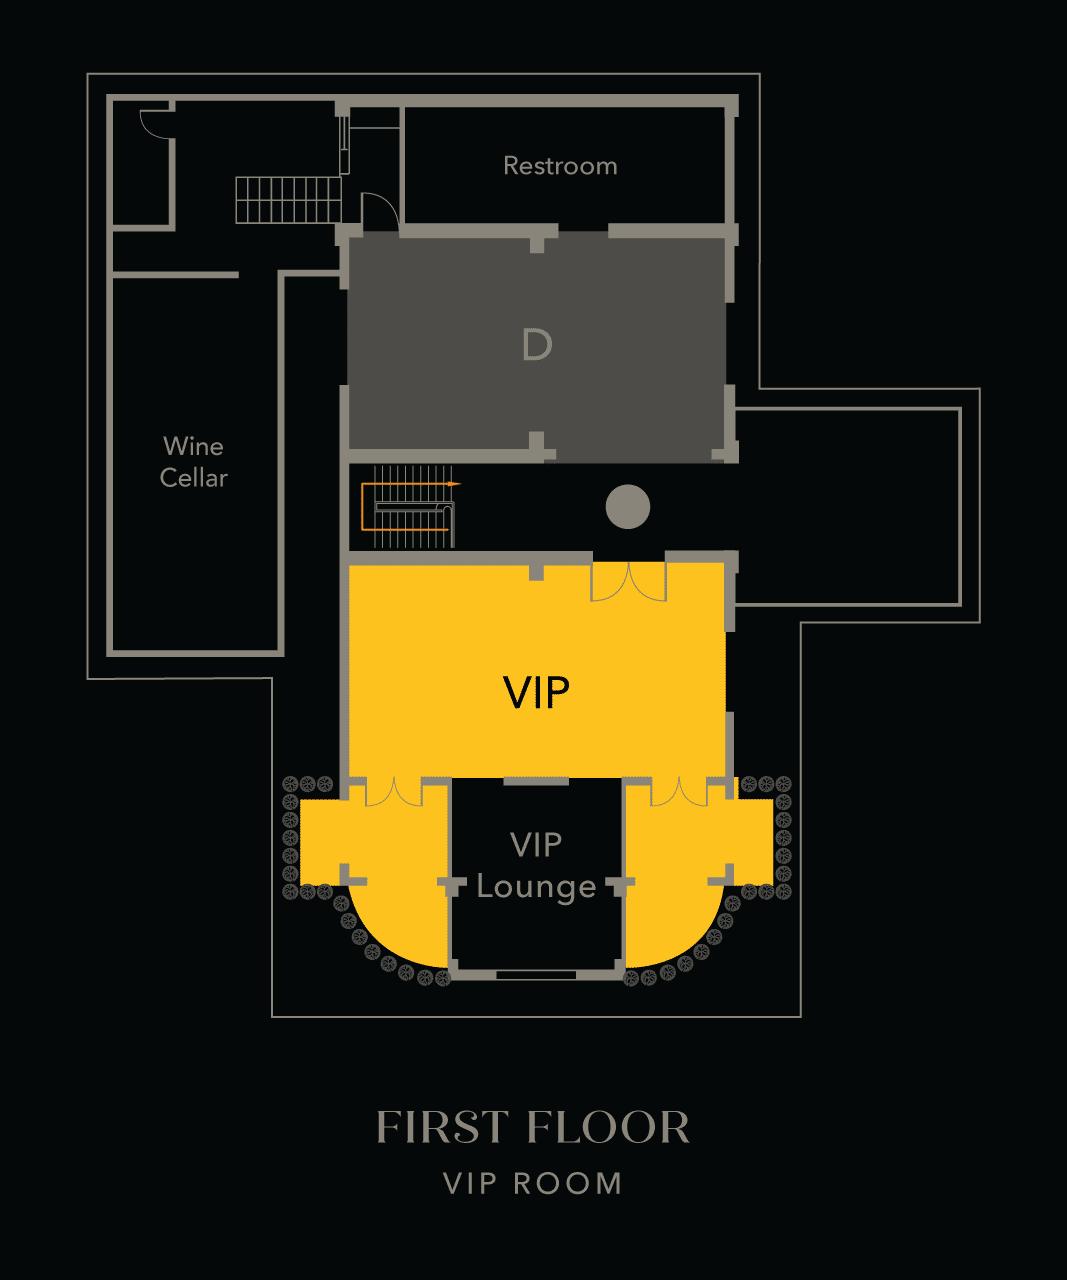 VIP Rooms - First Floor